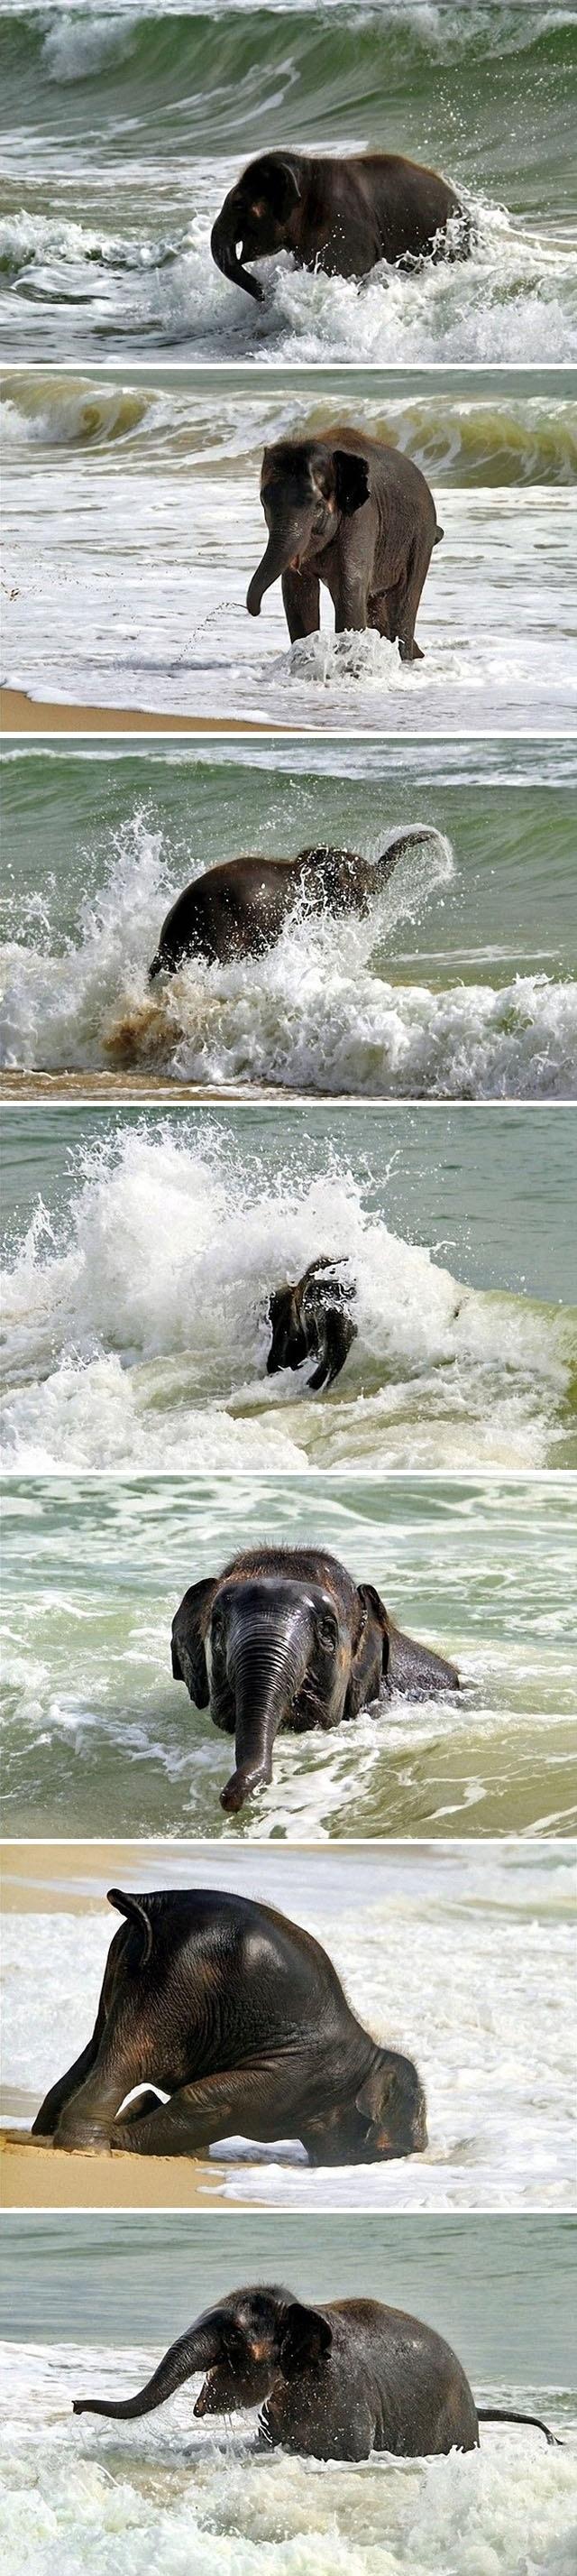 Happy elephant at the beach